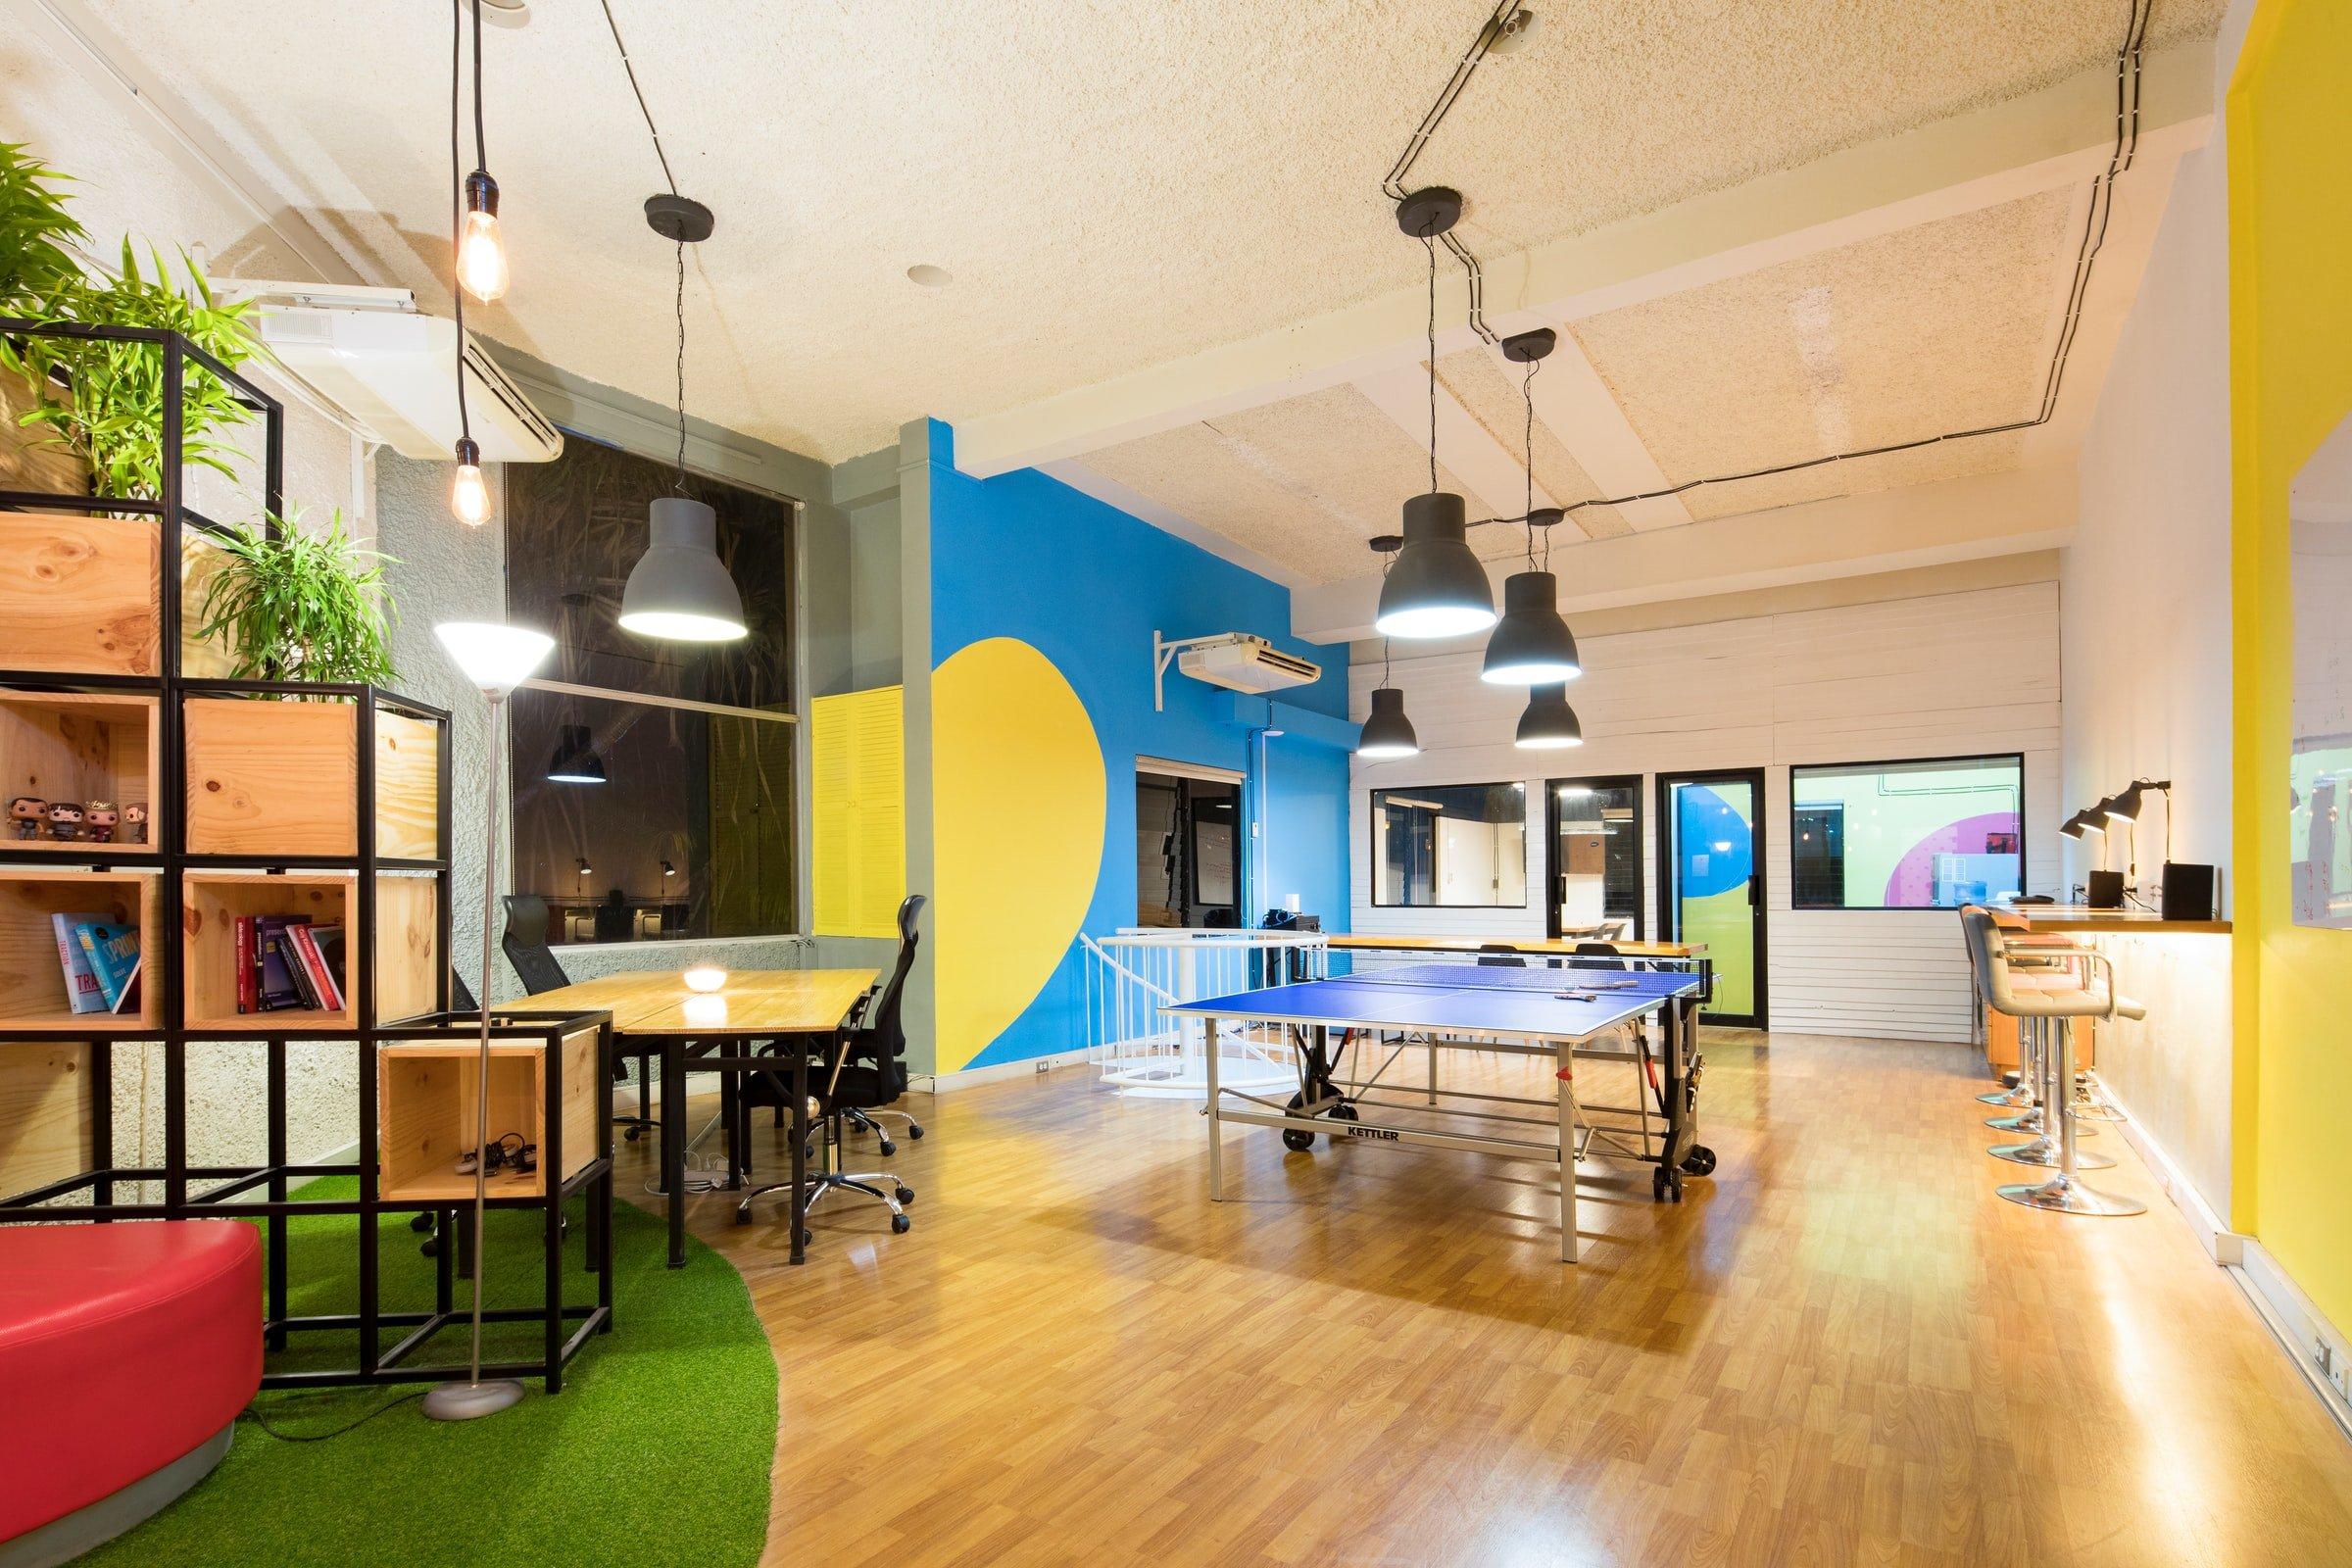 Salle de repos, salle de réunion, salle de jeux... Nous réalisons l'intégralité de l'aménagement de vos bureaux professionnels chez Elégance au m2 !